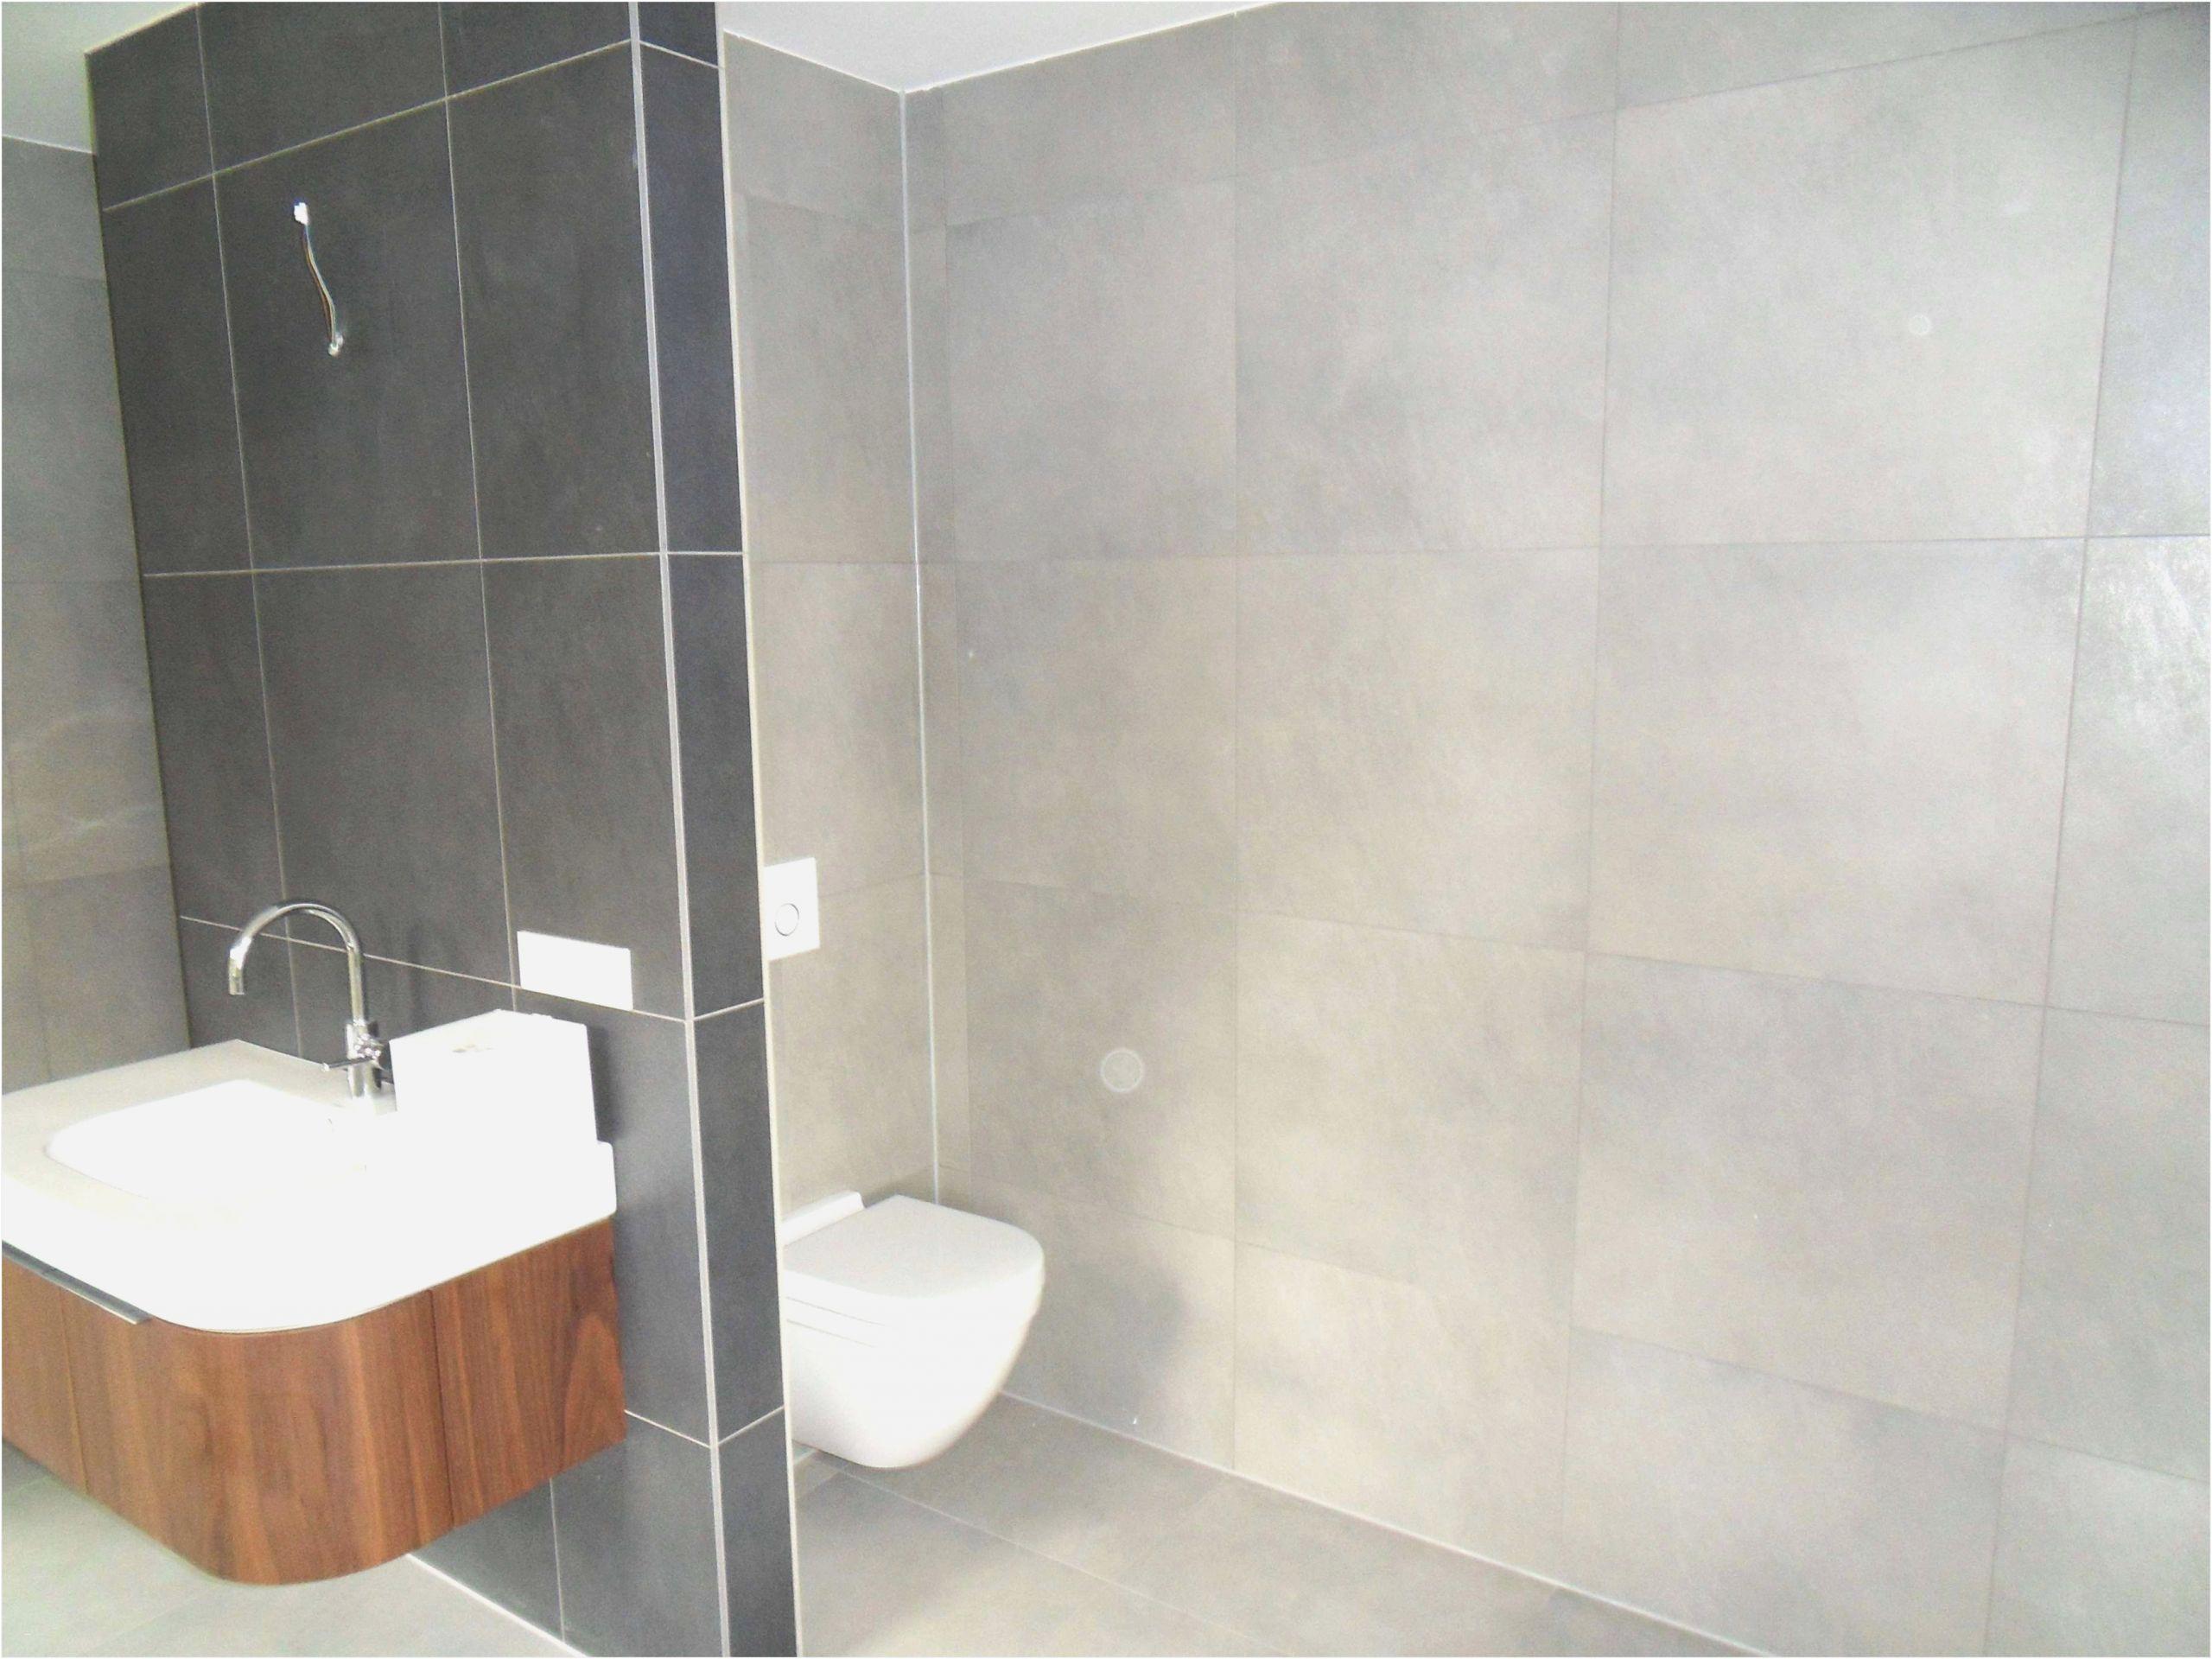 Badezimmer Fliesen Wie Hoch Moderne Badezimmer Fliesen Höhe Ankleidezimmer Traumhaus